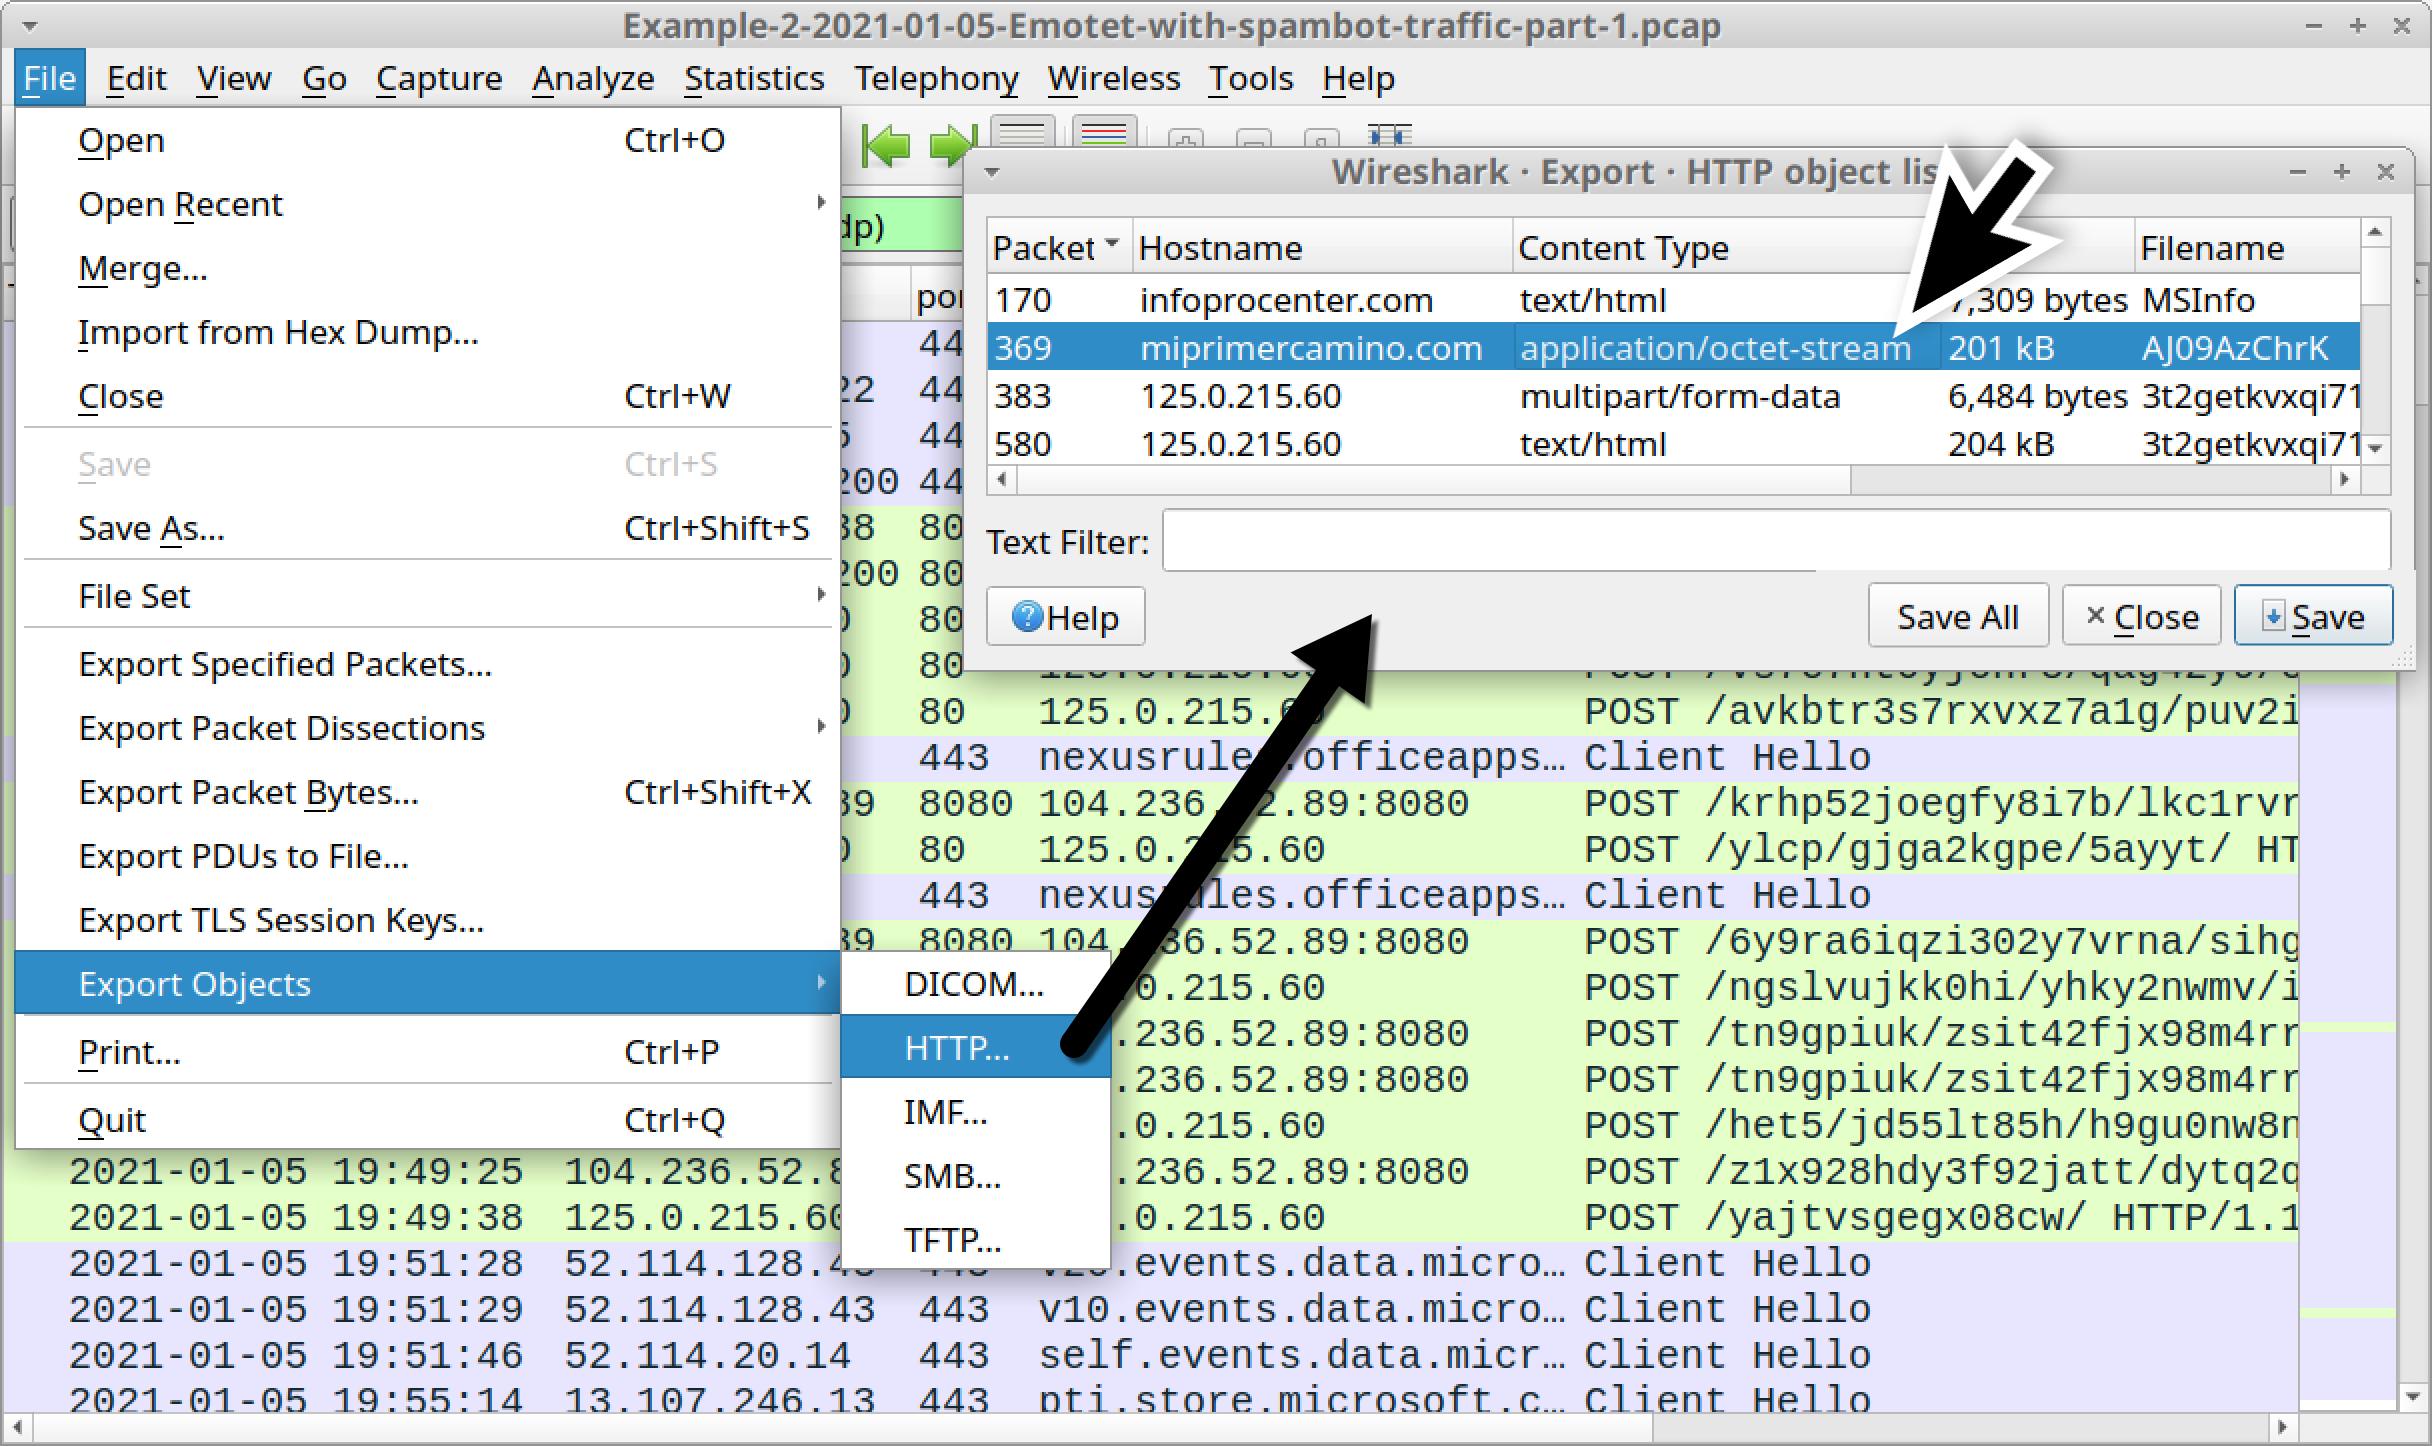 図18 pcapからEmotet DLLをエクスポートする